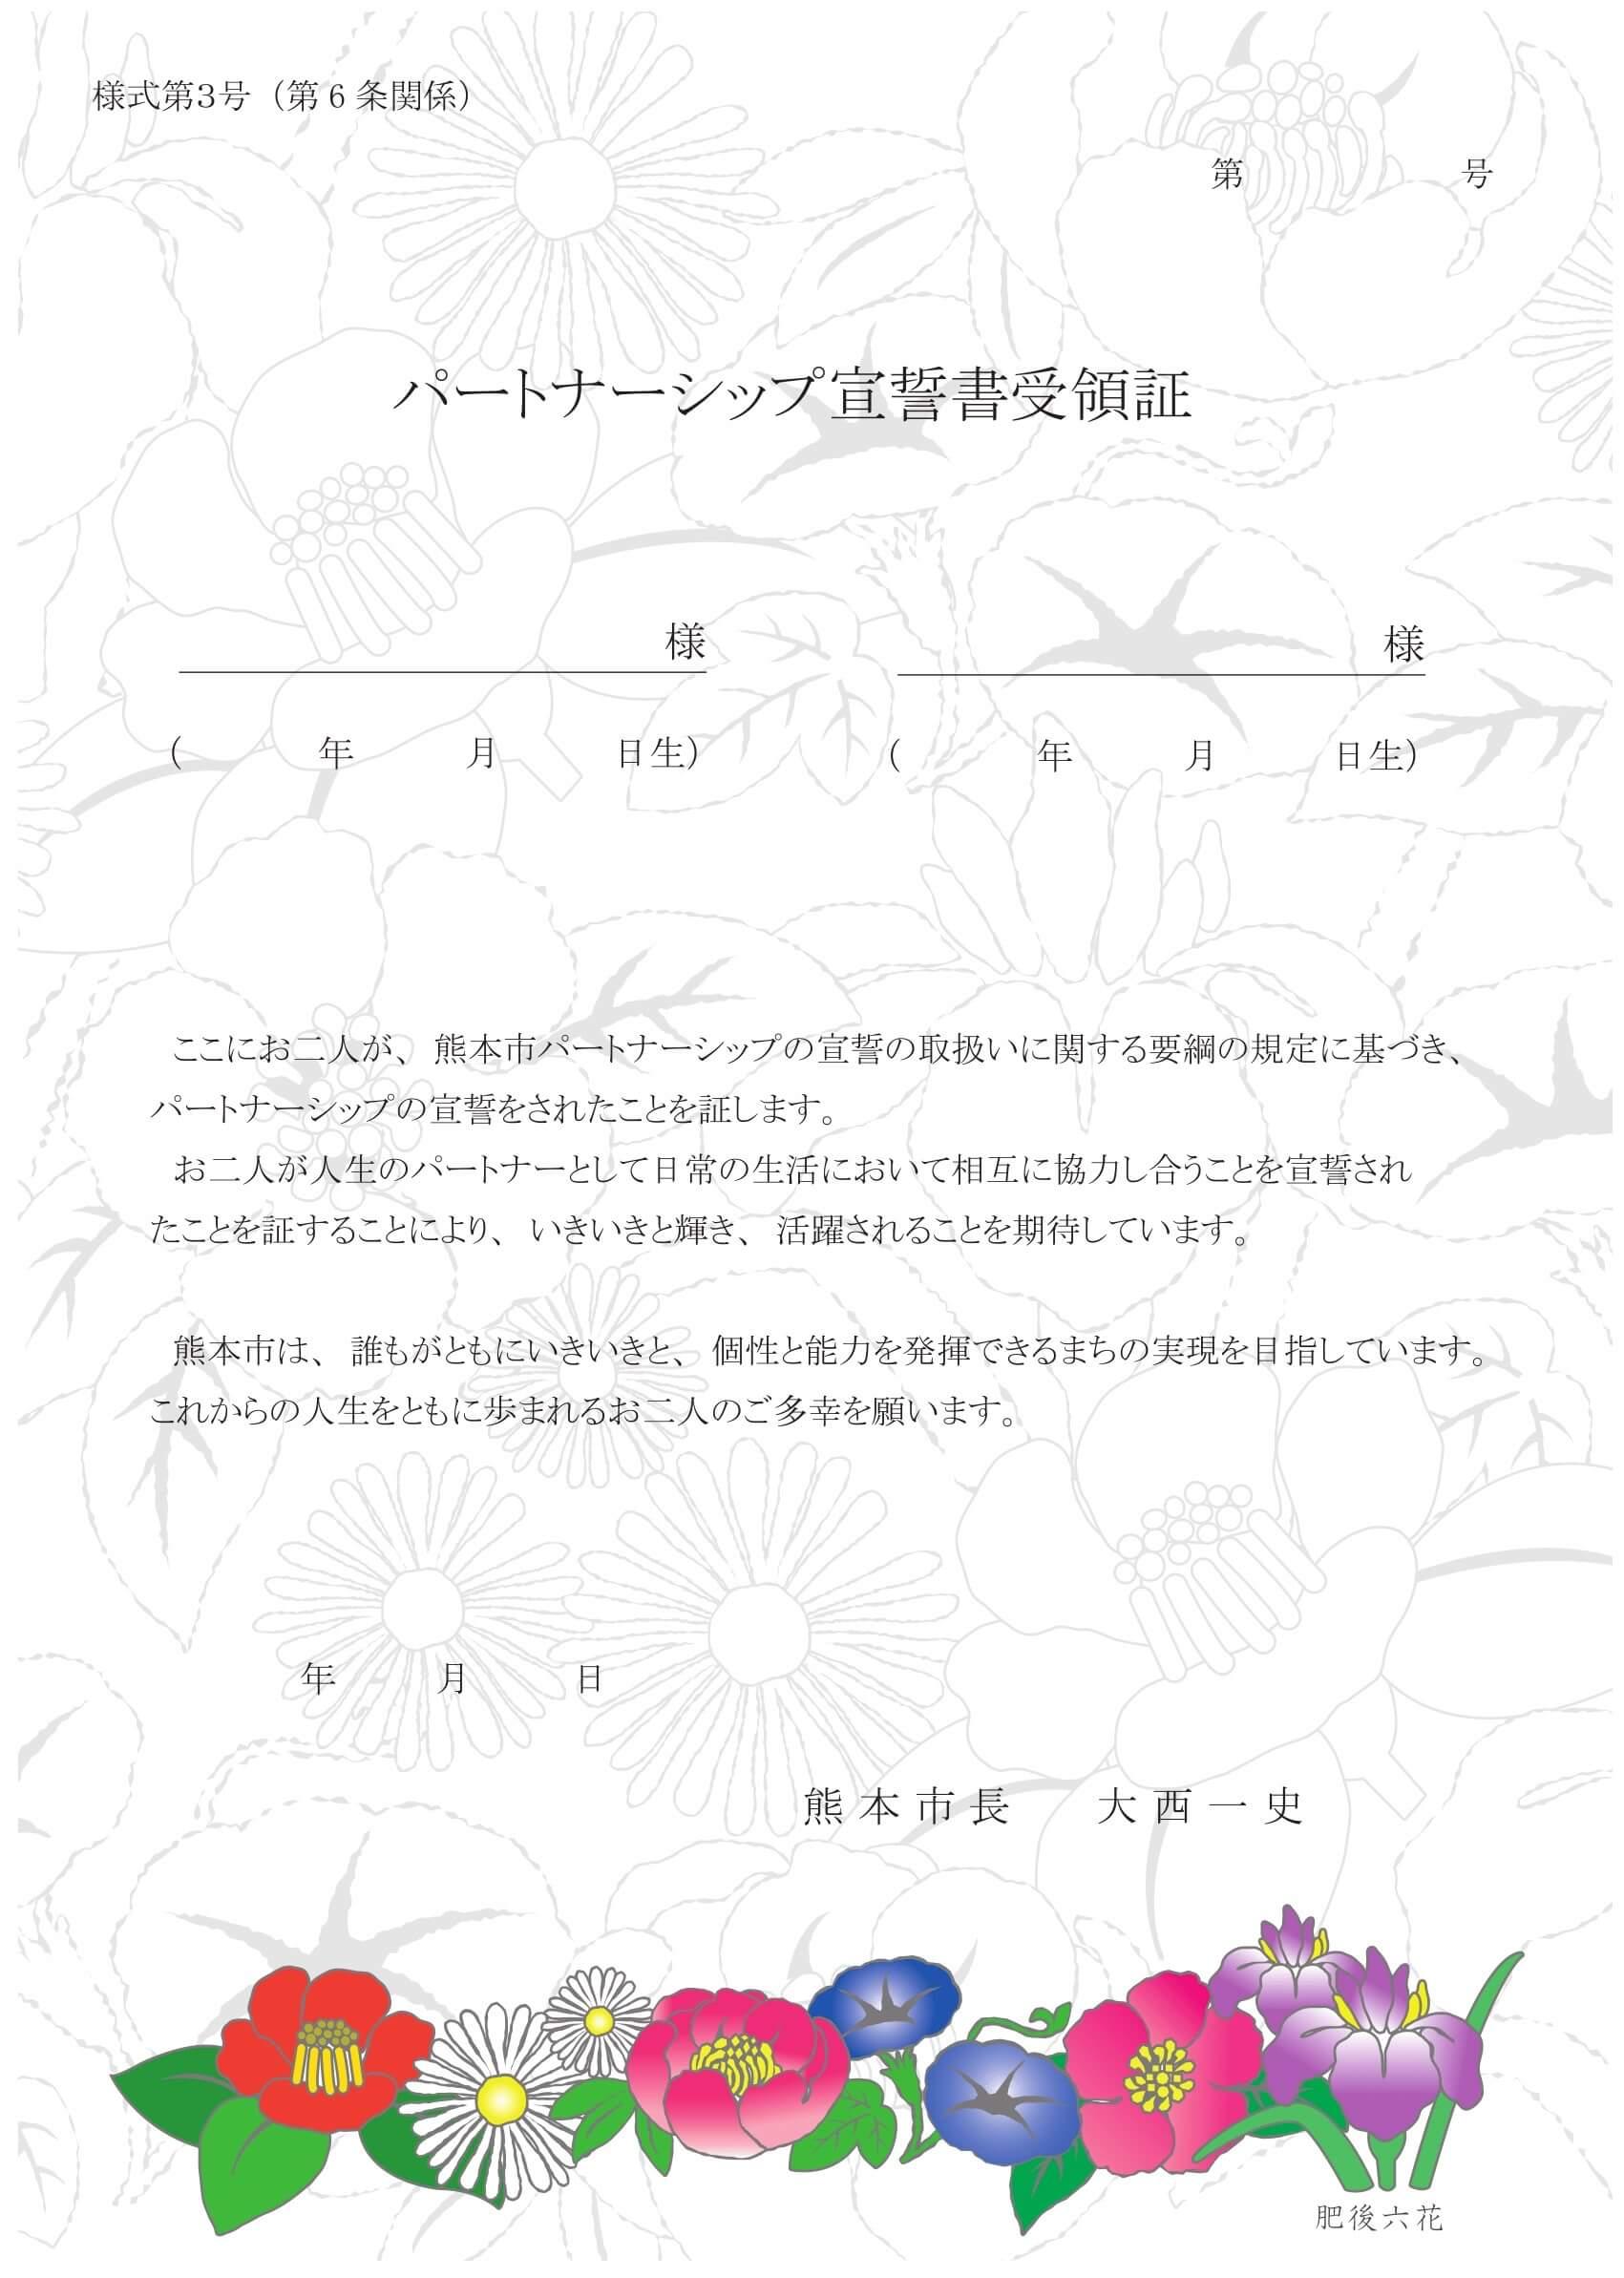 同性パートナーシップ 熊本市1